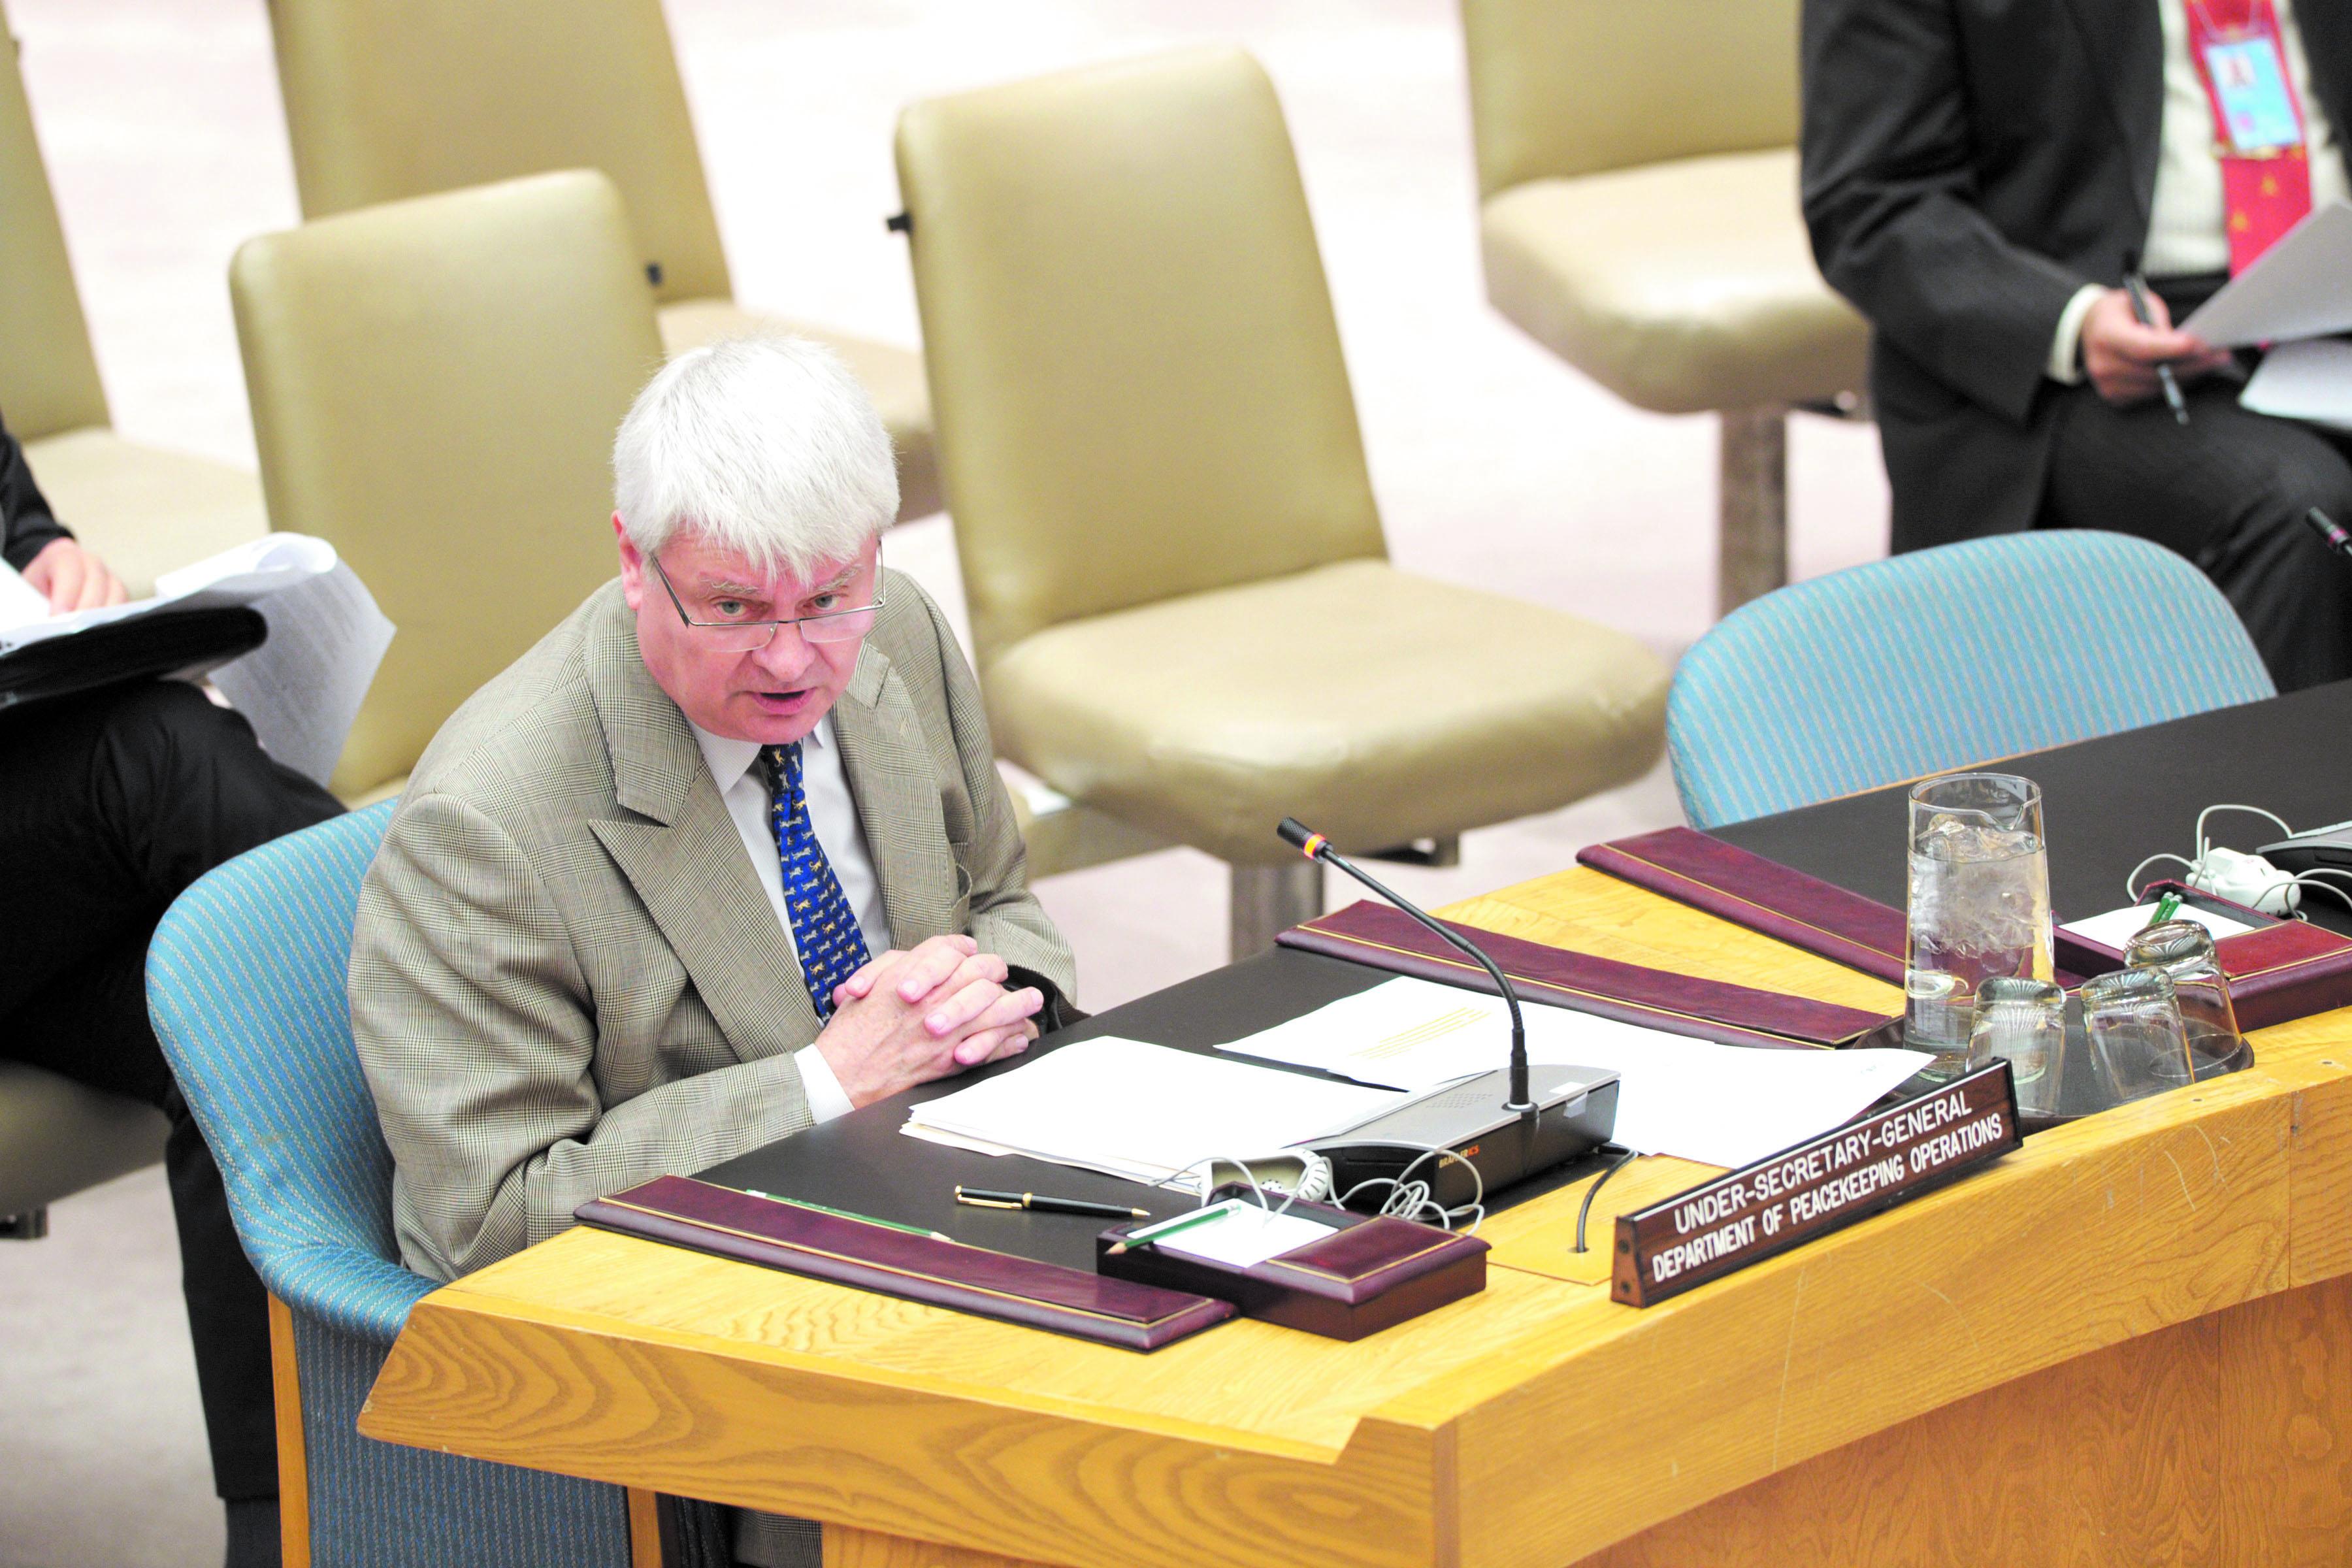 Prochaine visite d'un haut responsable de l'ONU